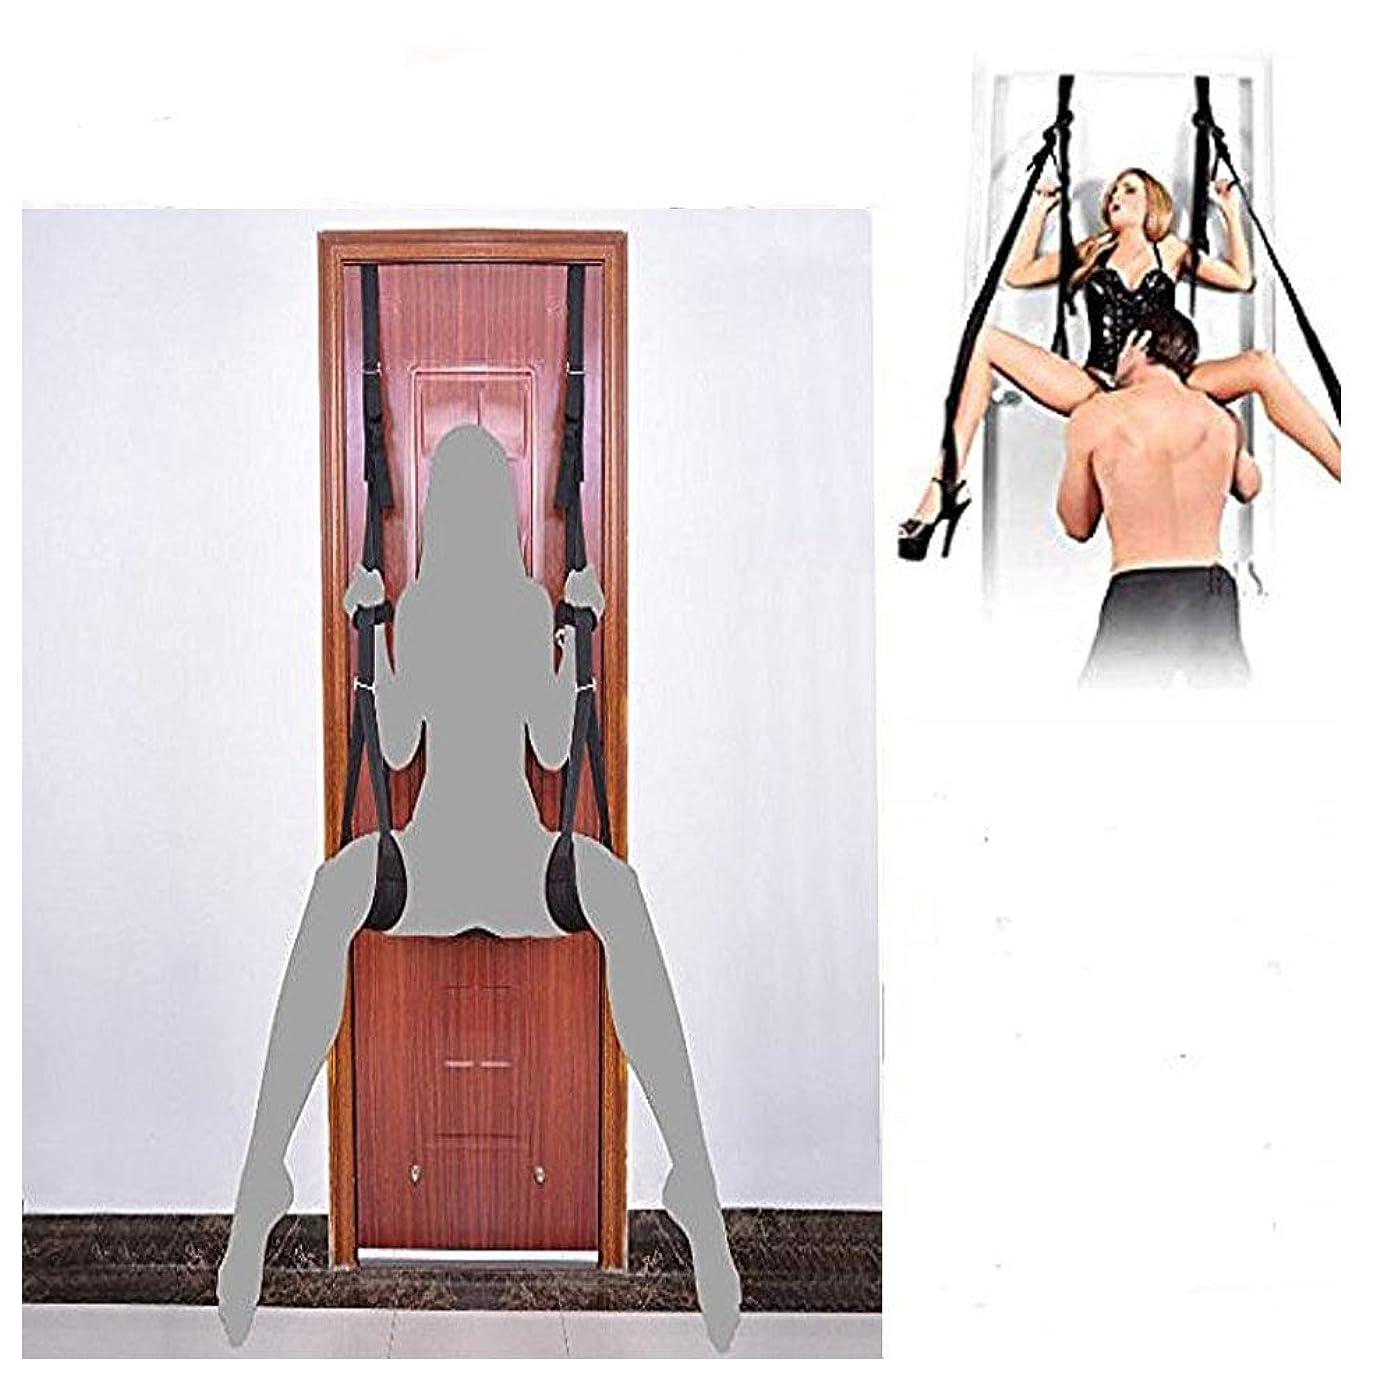 Hanging On Door Bondage Sex Swing Sex Swing Bondage Sexy Love Swing for Couples Adult Fetish Indoor Hang Swing Restraints Kit Door Hanging Sling Women Men Flirt Sex Play